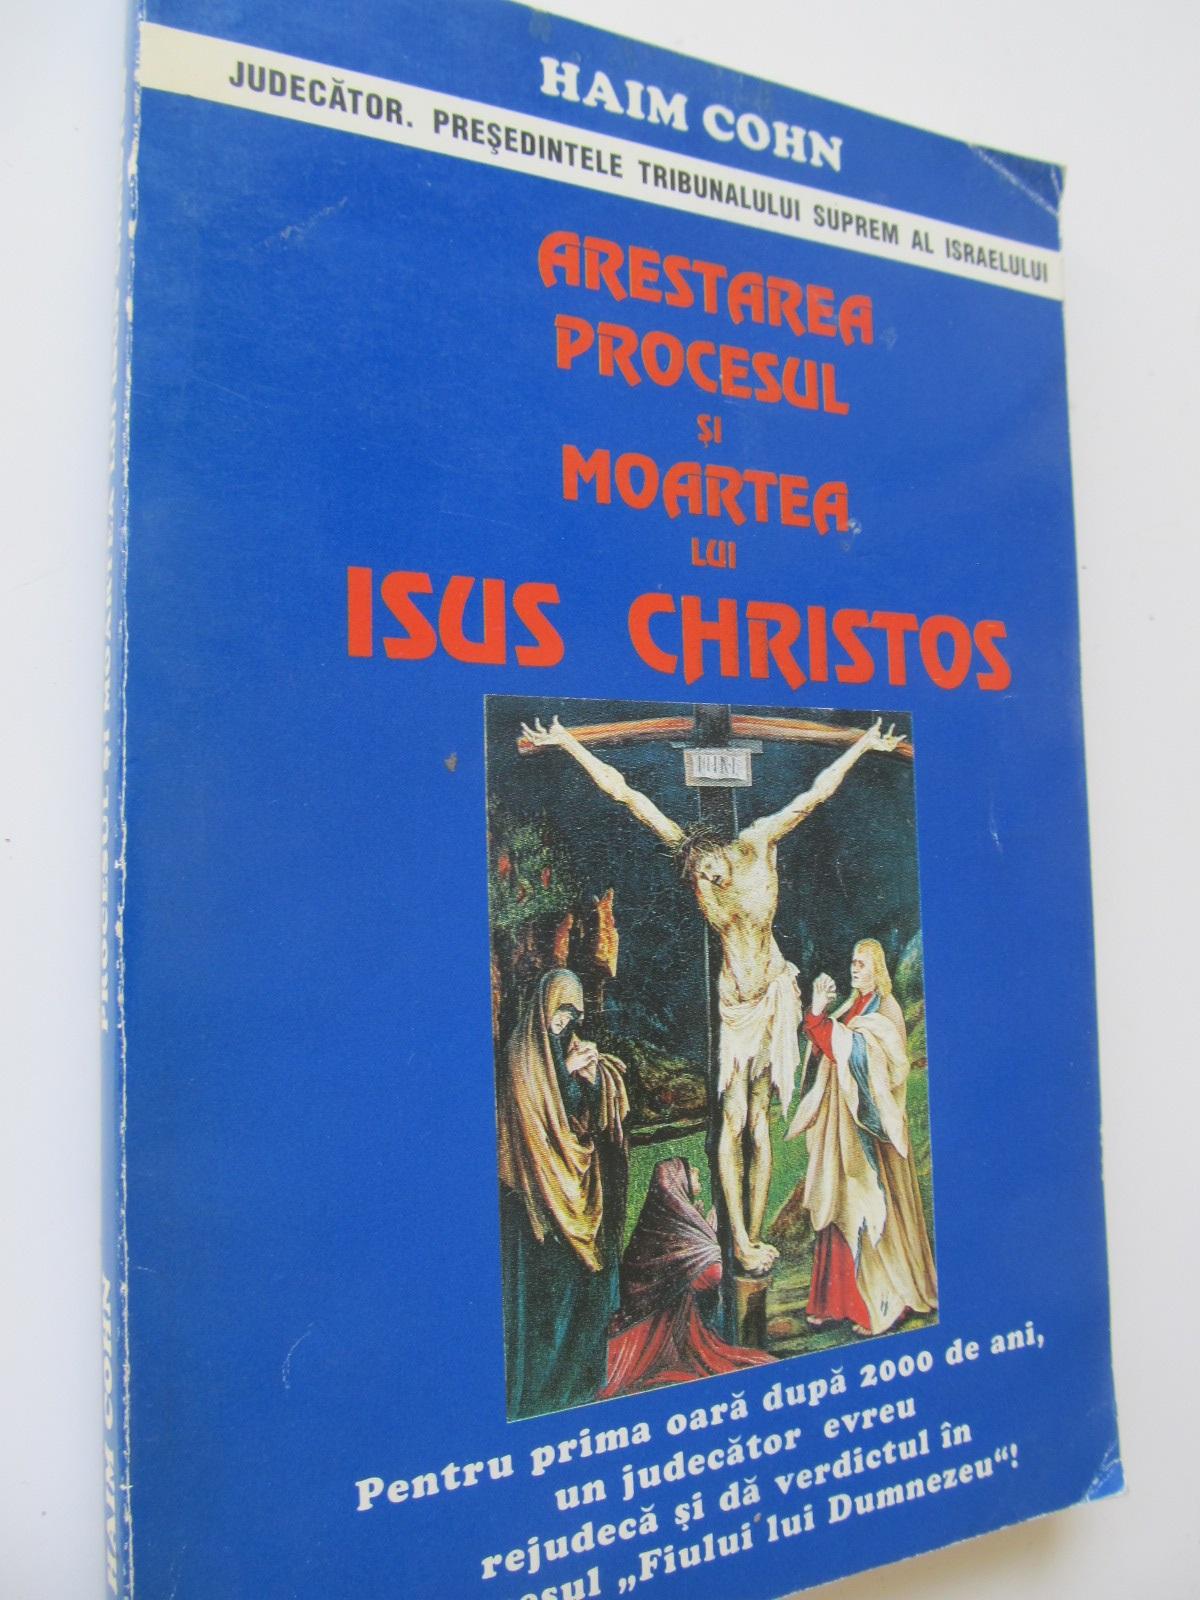 Arestarea procesul si moartea lui Isus Christos - Haim Cohn | Detalii carte